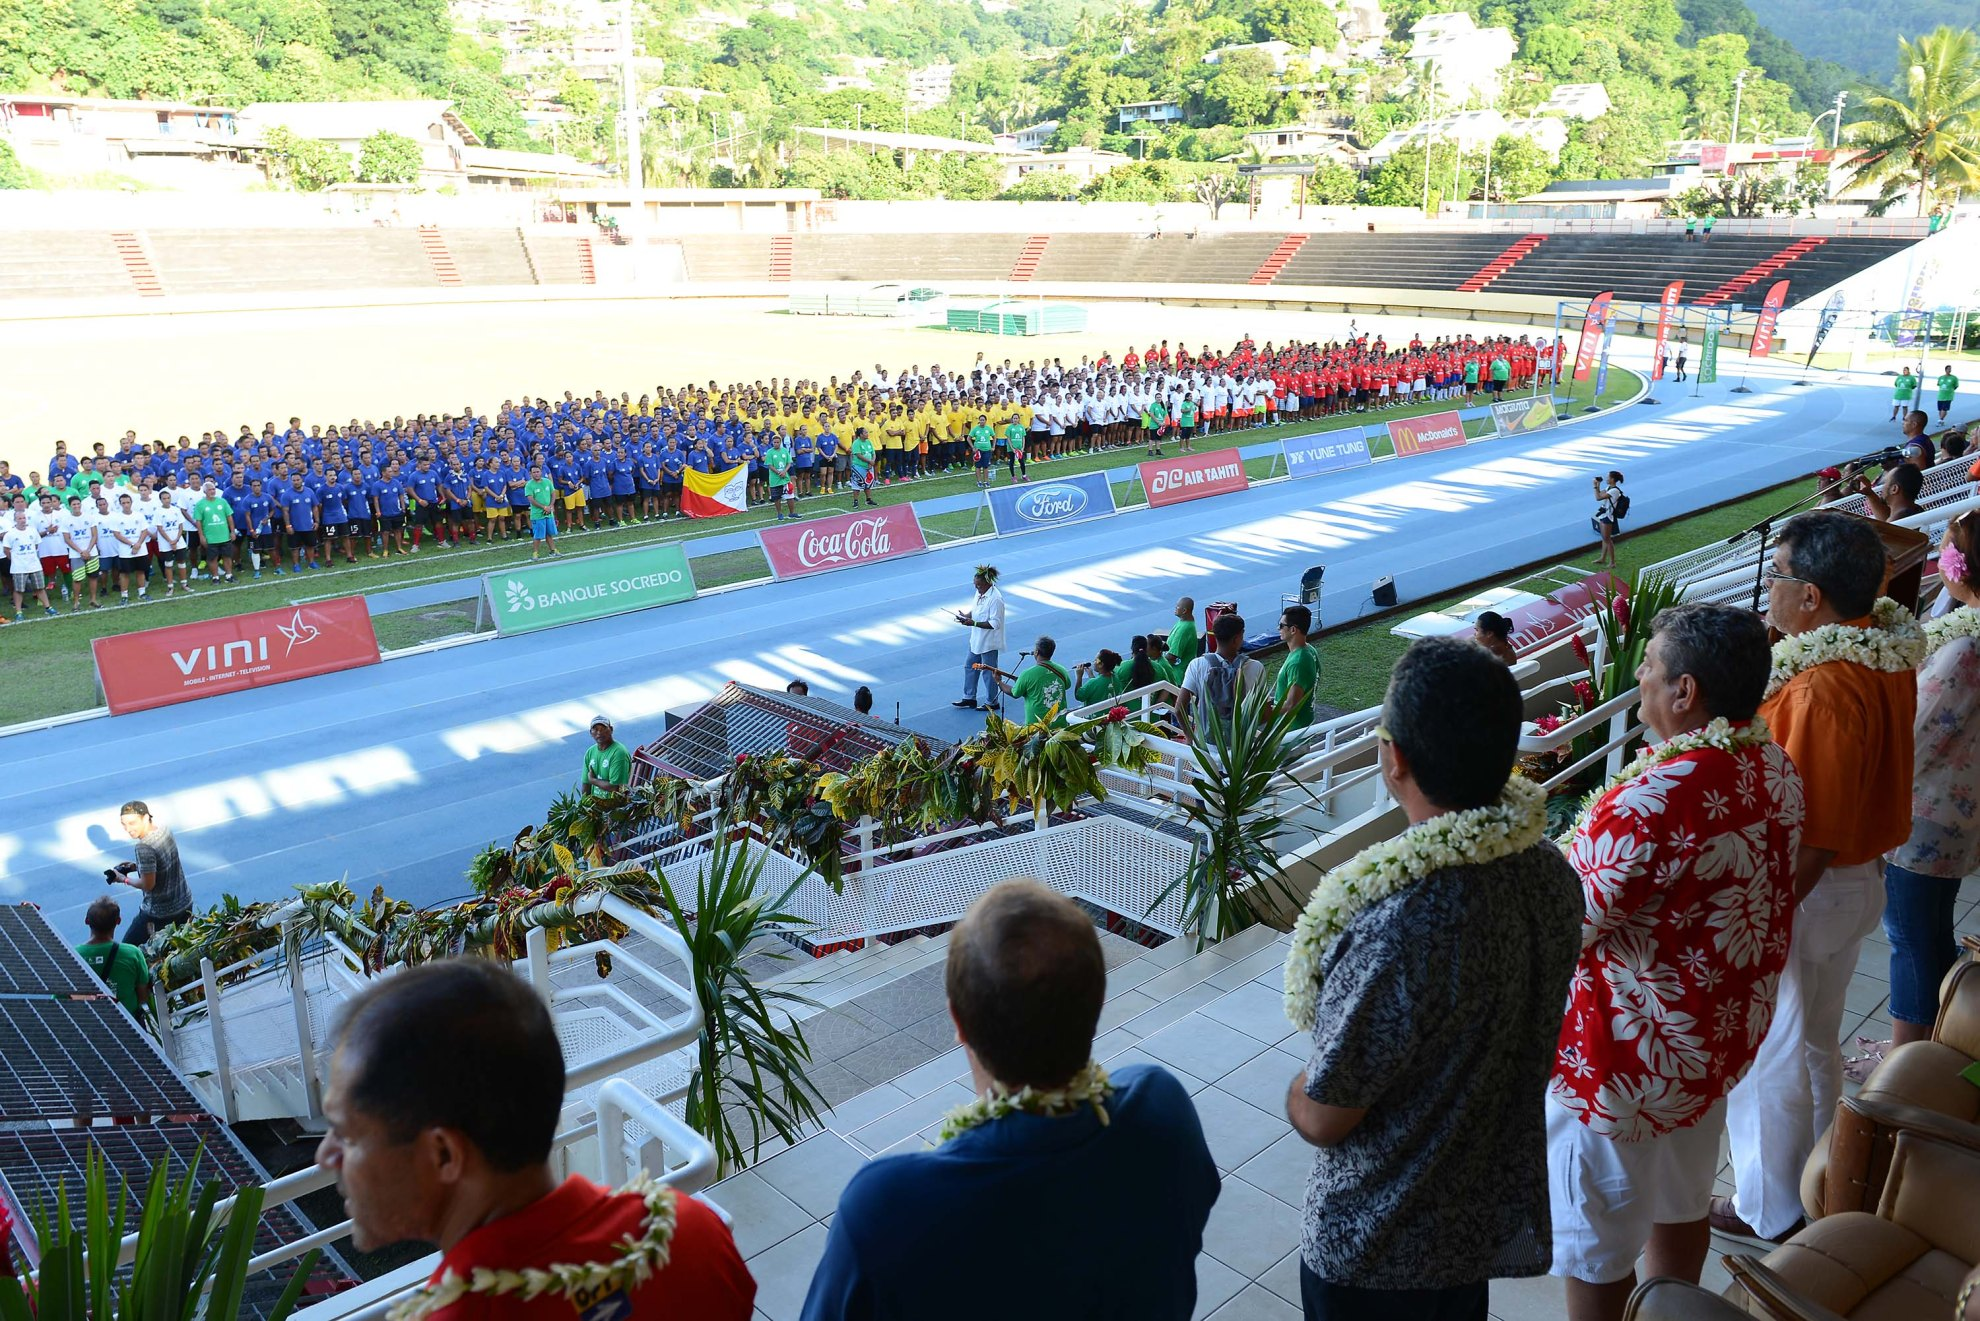 Les délégations défilent aux couleurs de leur archipel @kirvanb